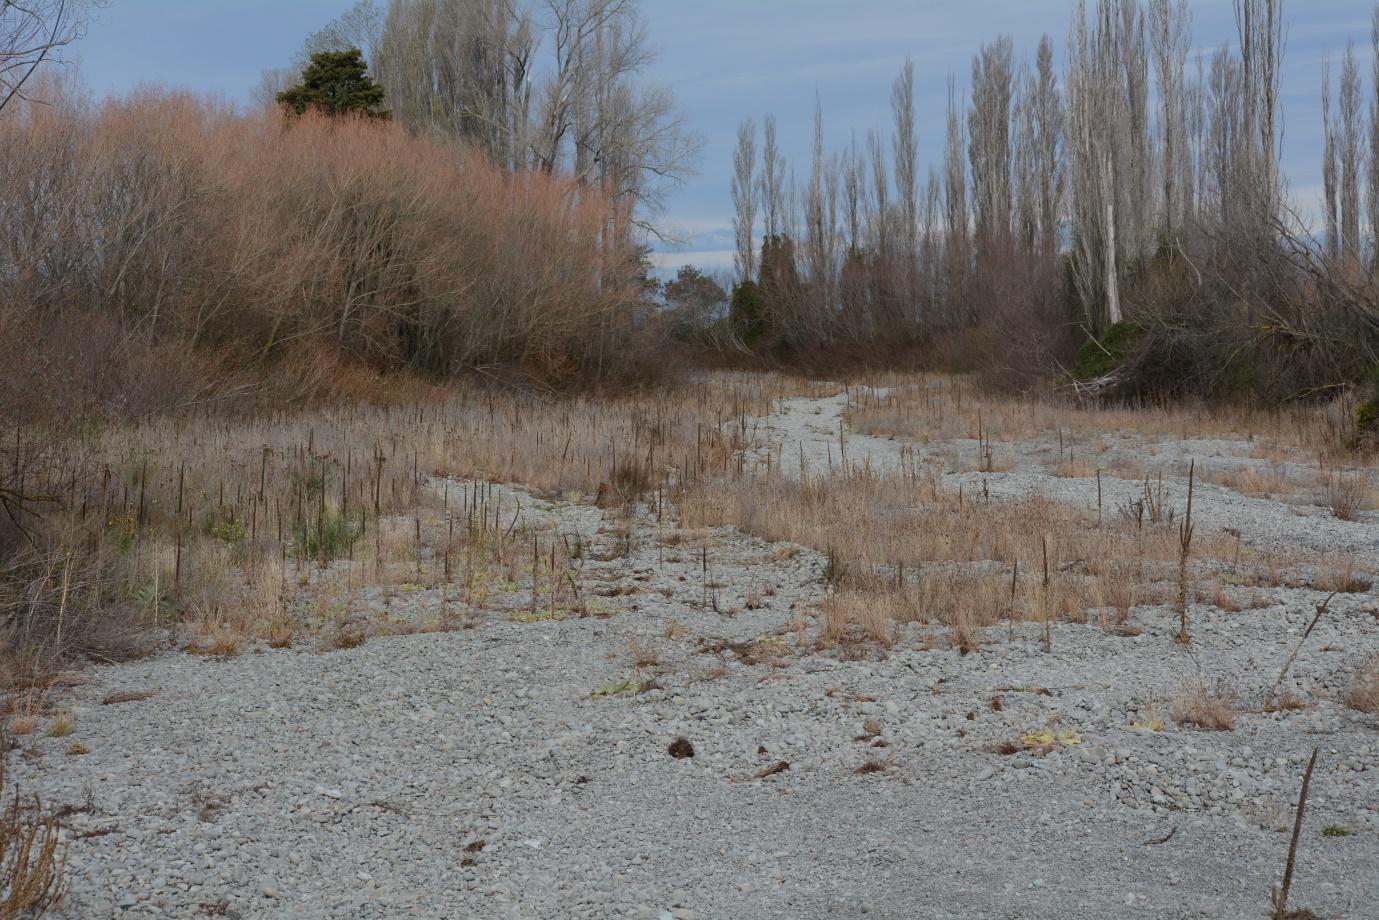 Hinds River 25 April 2021